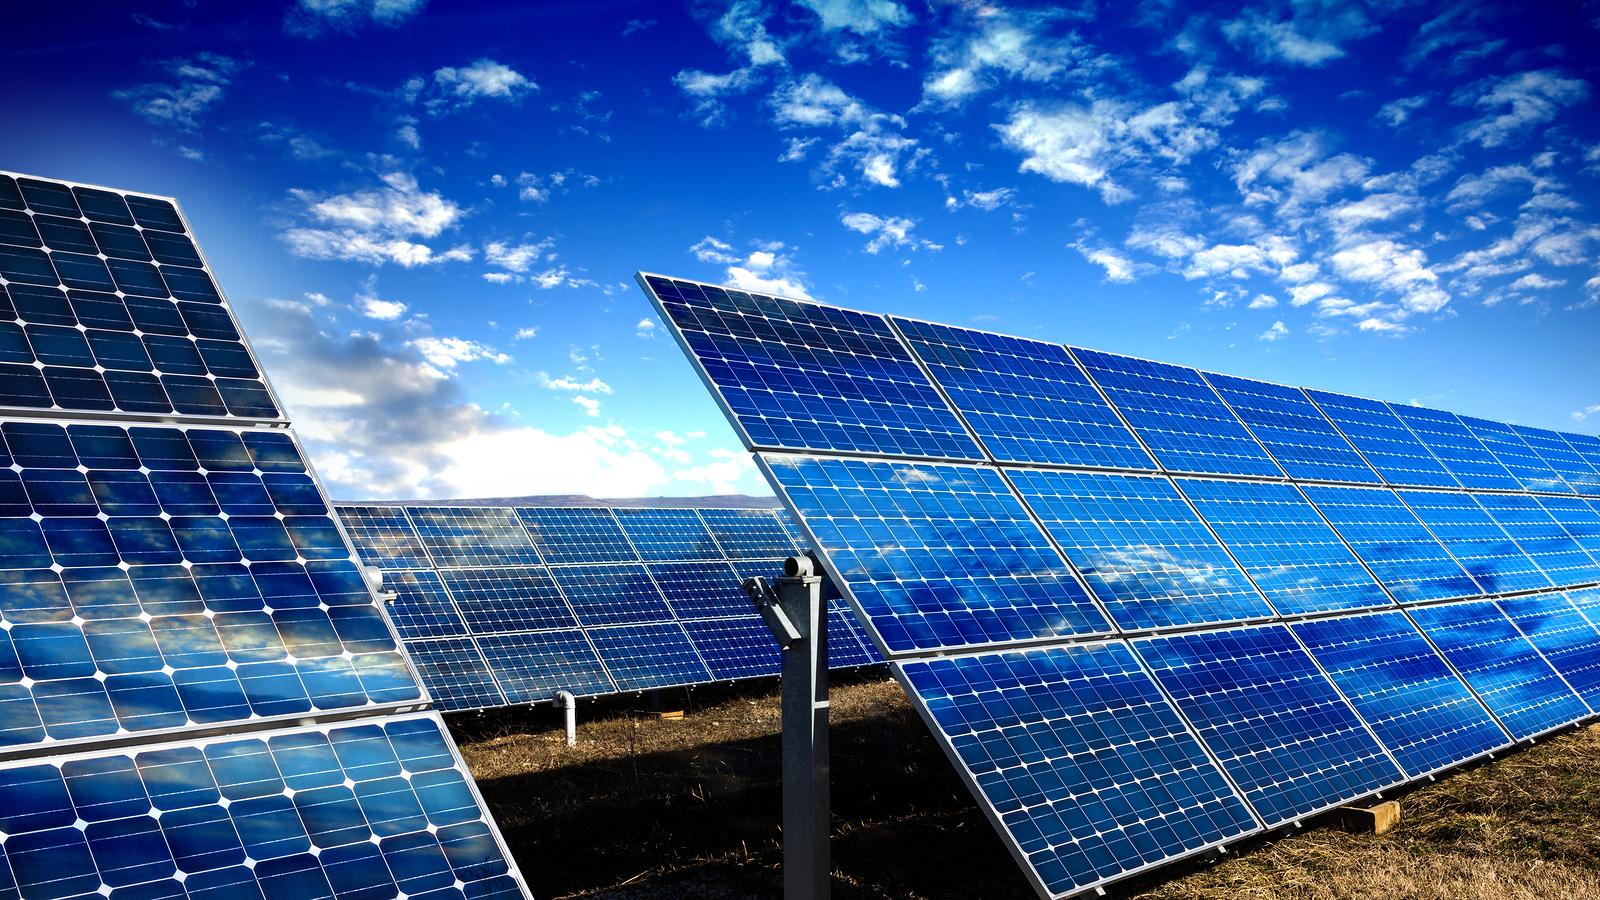 pannello fotovoltaico impianto elettrico domotico bergamo